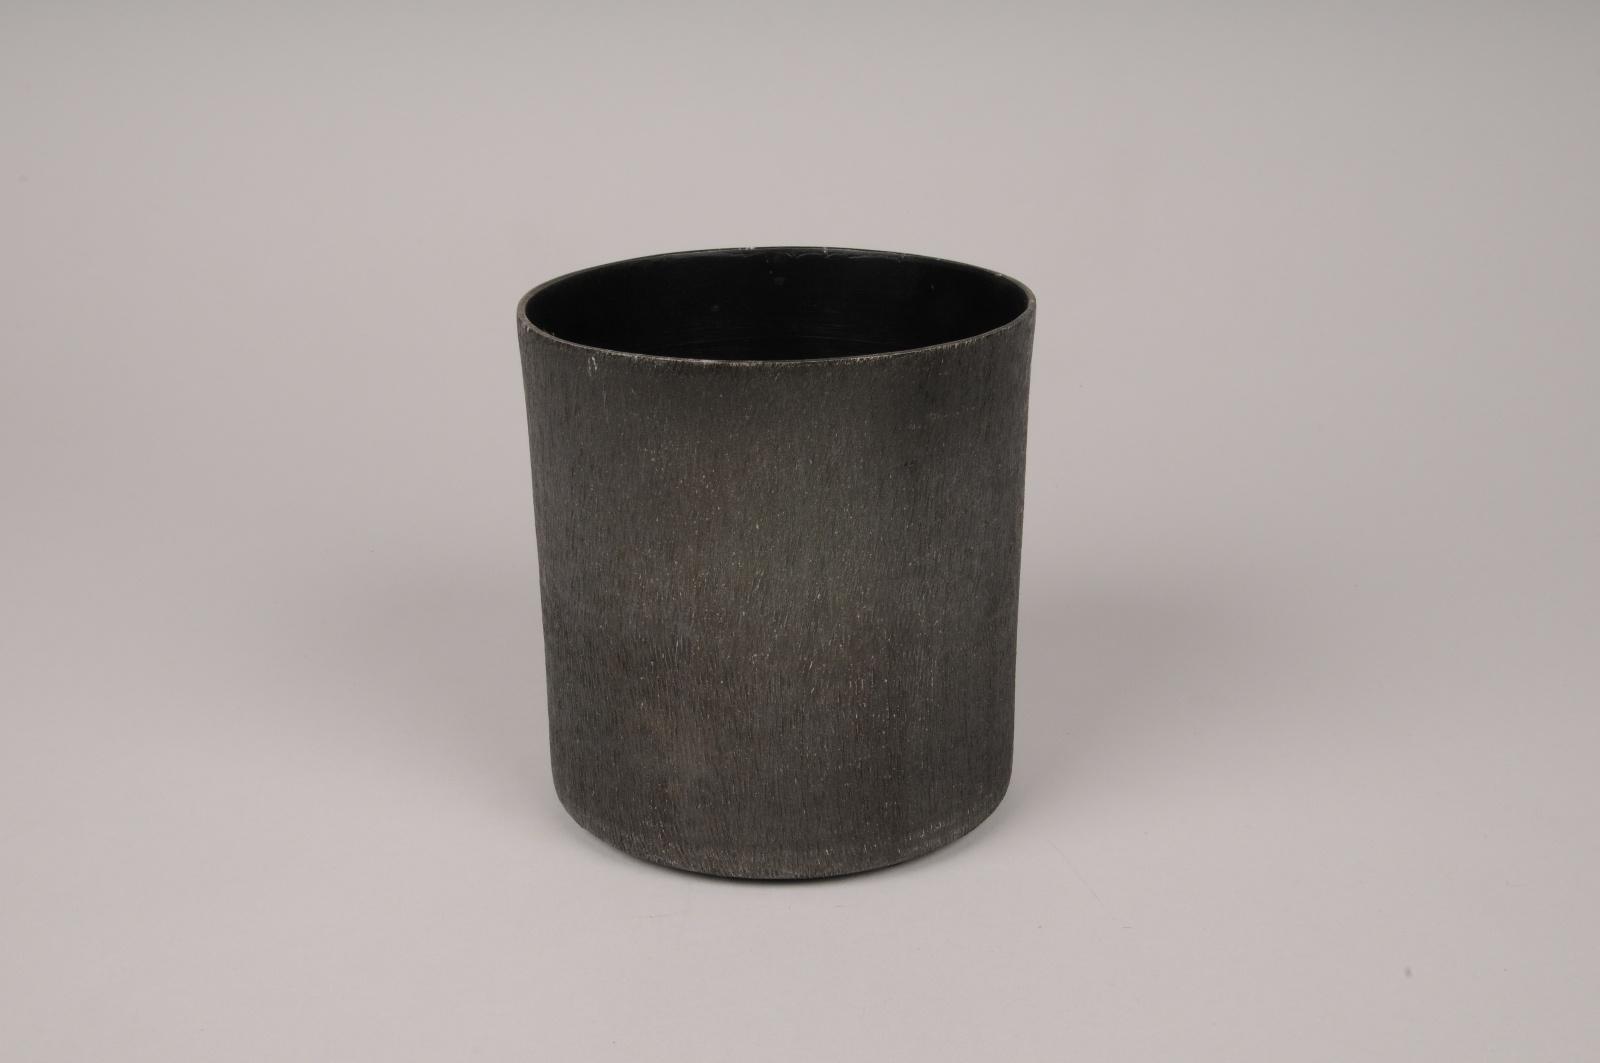 A041E5 Cache-pot en métal gris anthracite D12cm H12cm